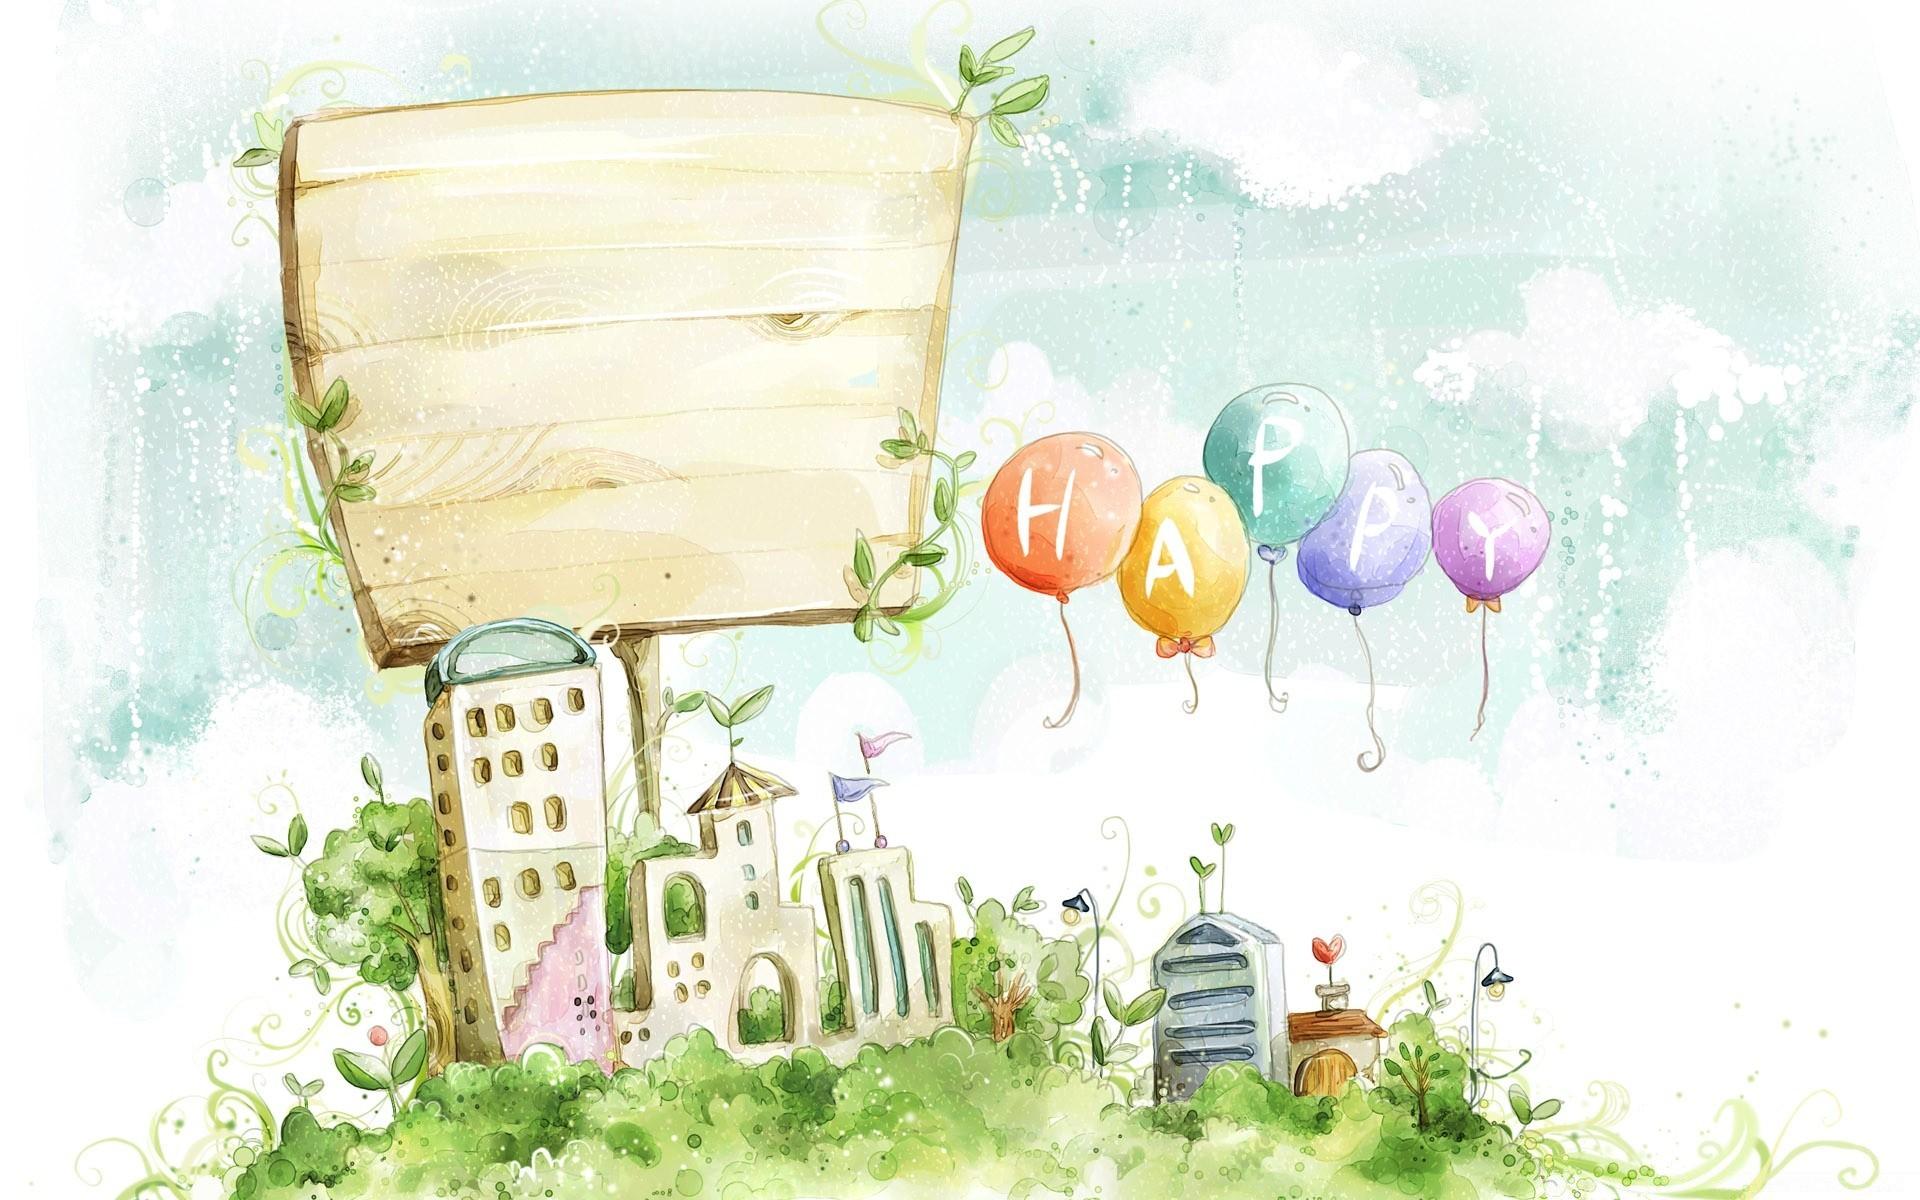 Фоны детские для открытки, поздравления днем